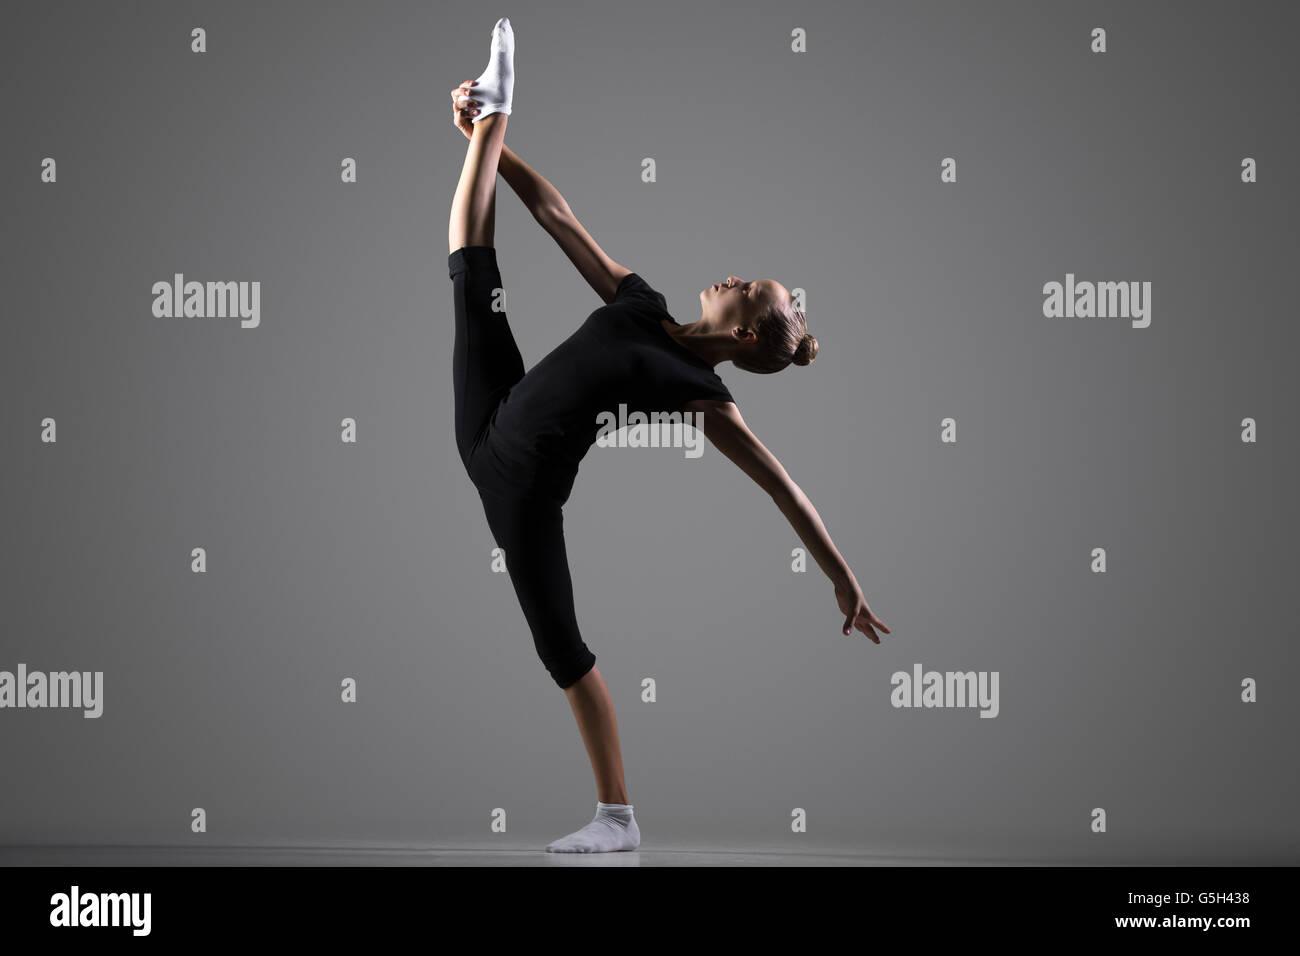 Bella giovane montare ginnasta atleta donna in sportswear, dancing, equilibrio facendo ginnastica ritmica esercizio Immagini Stock